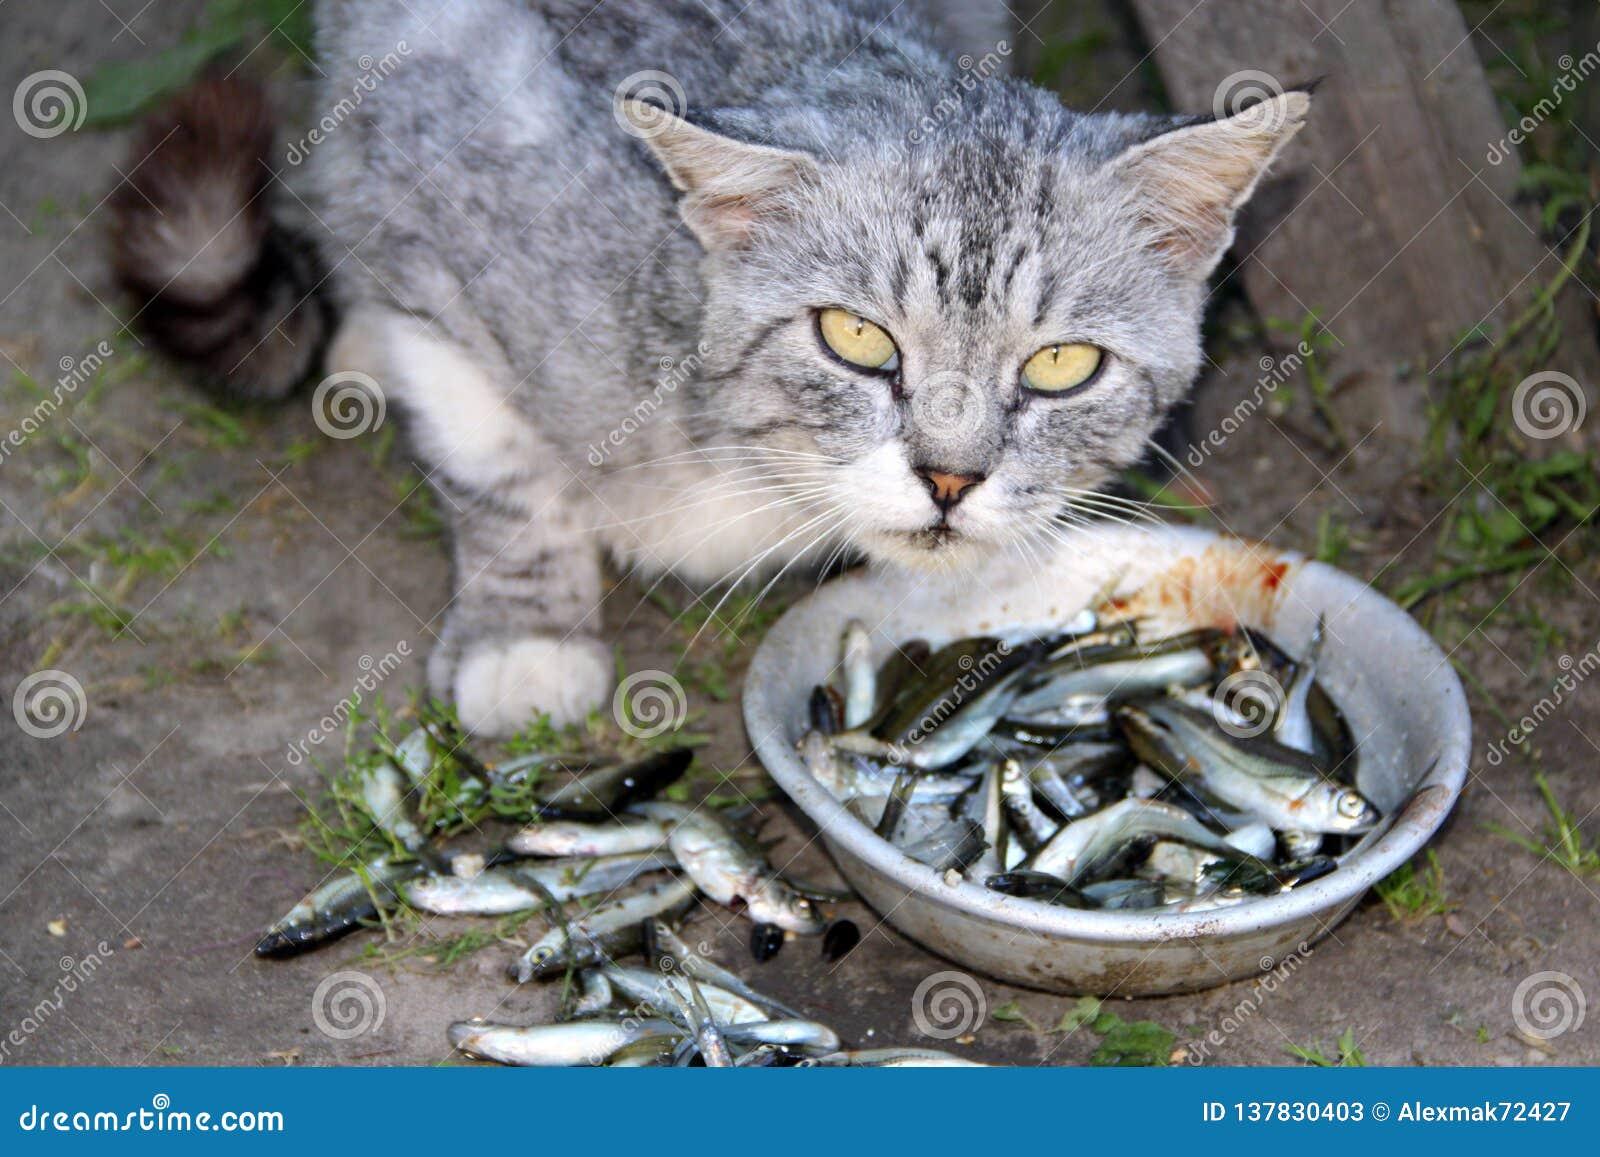 Молчание сёмги, возмущение кота )) | Пикабу | 1155x1600